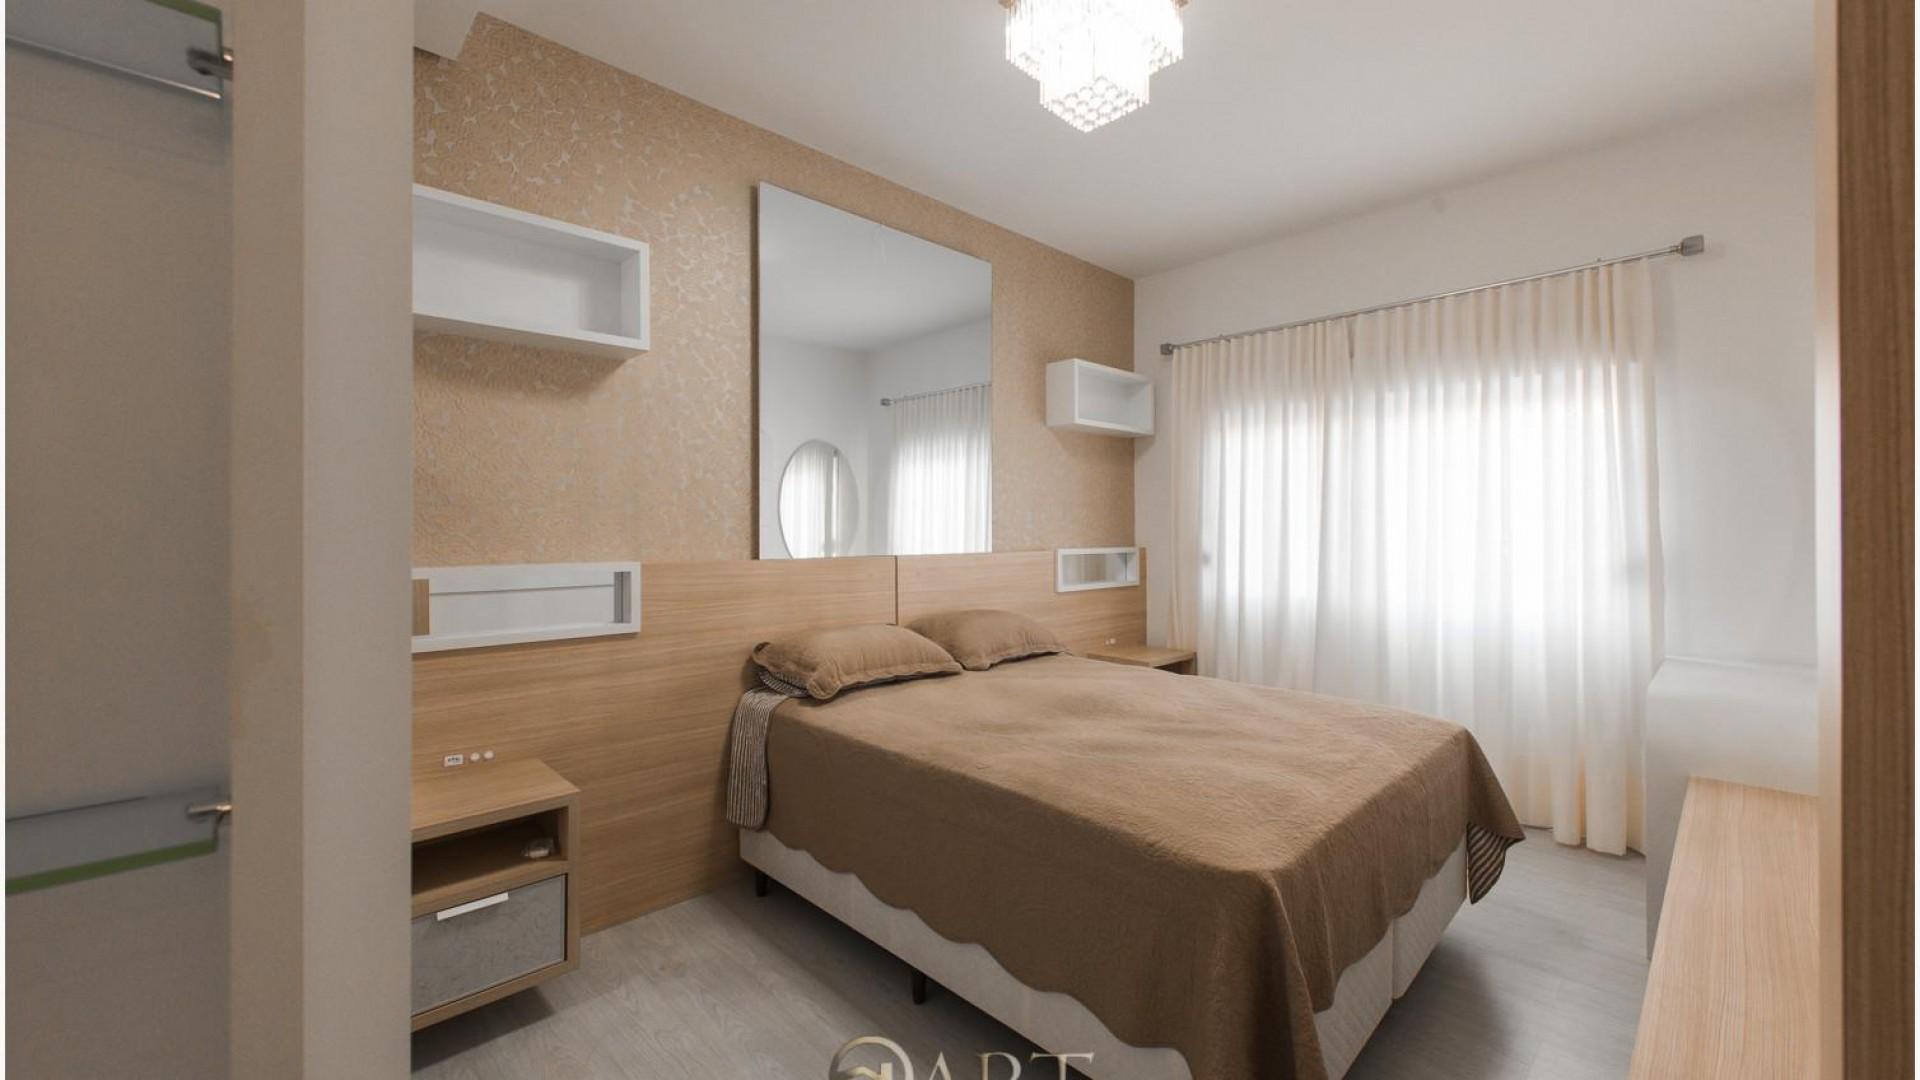 Apartamento com 3 suítes abastecido com Água Termal em Termas do Gravatal - Foto 11 Closet atras da cama e sacada